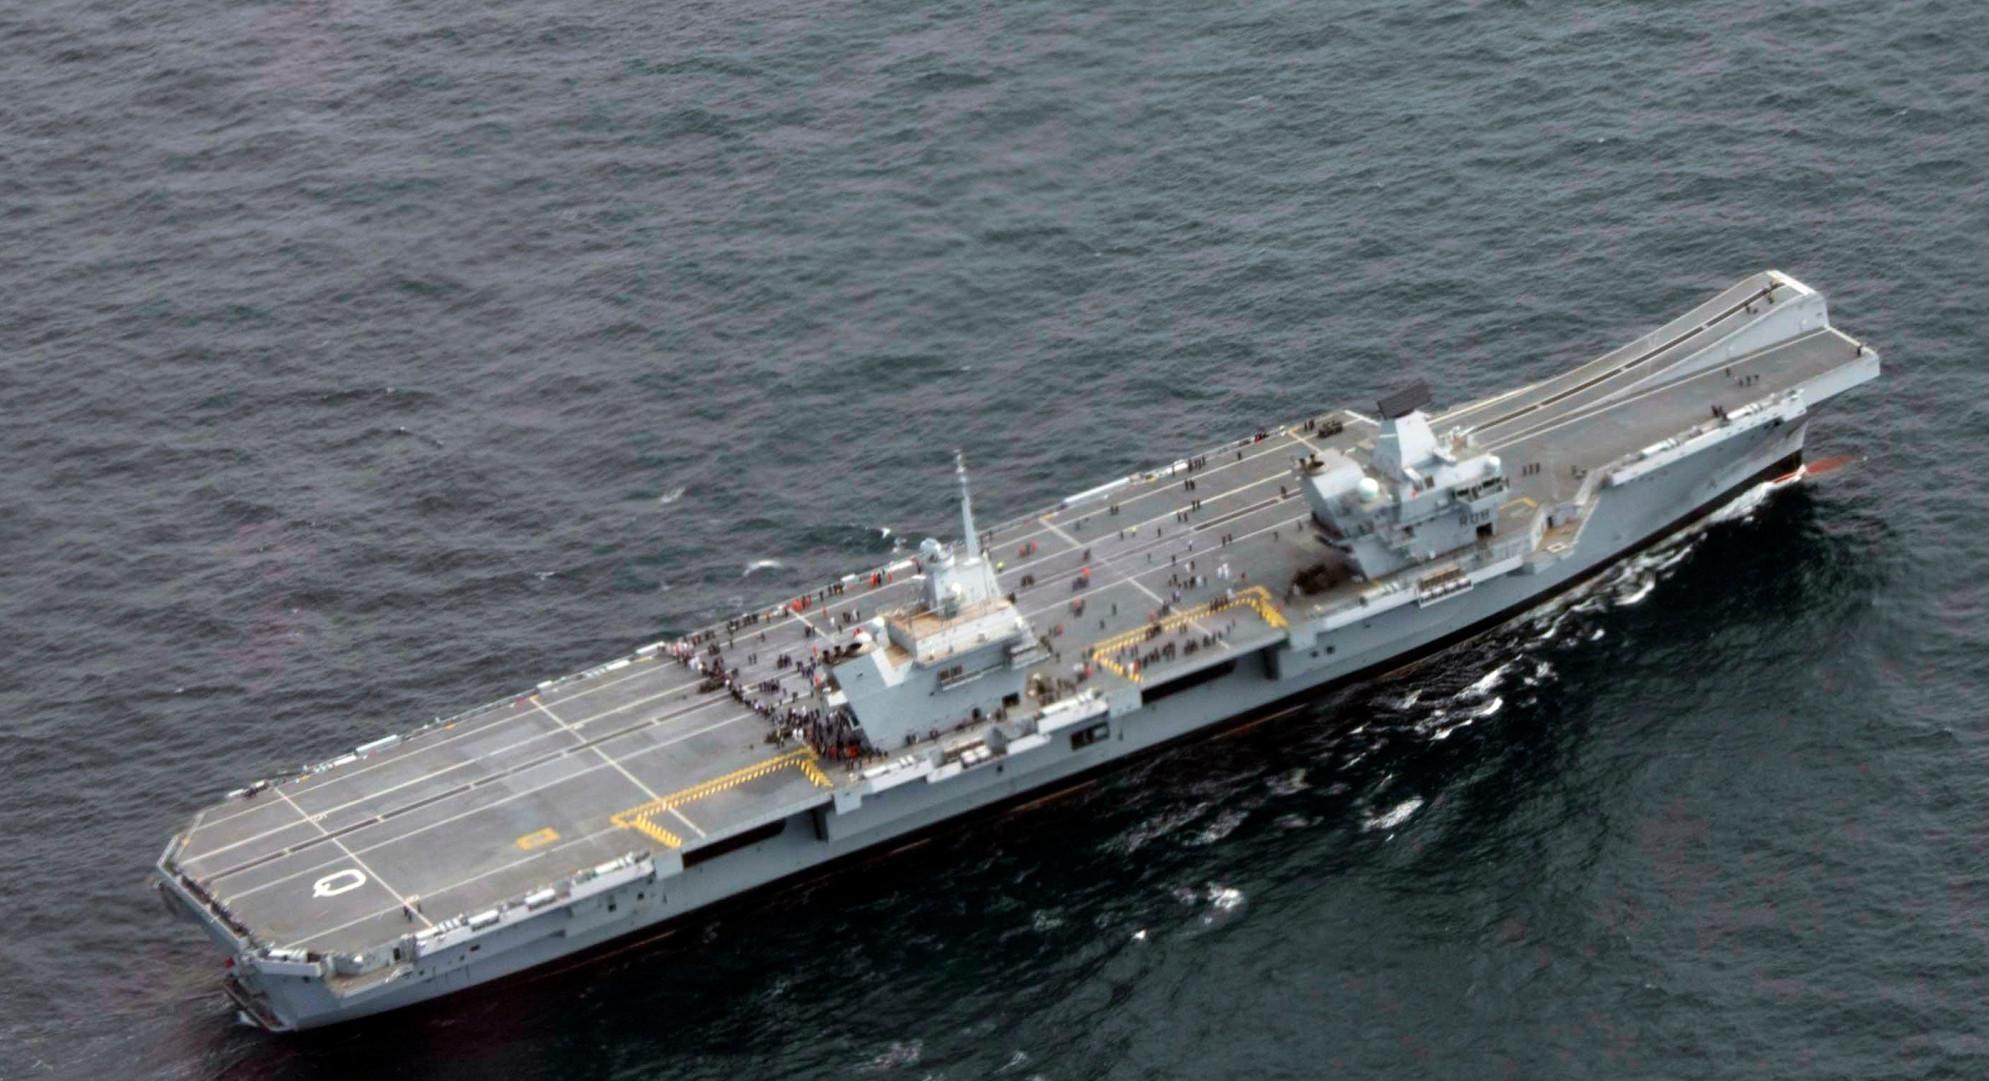 国产航母突发漏水, 200吨海水瞬间涌舱内! 直接放弃任务返航